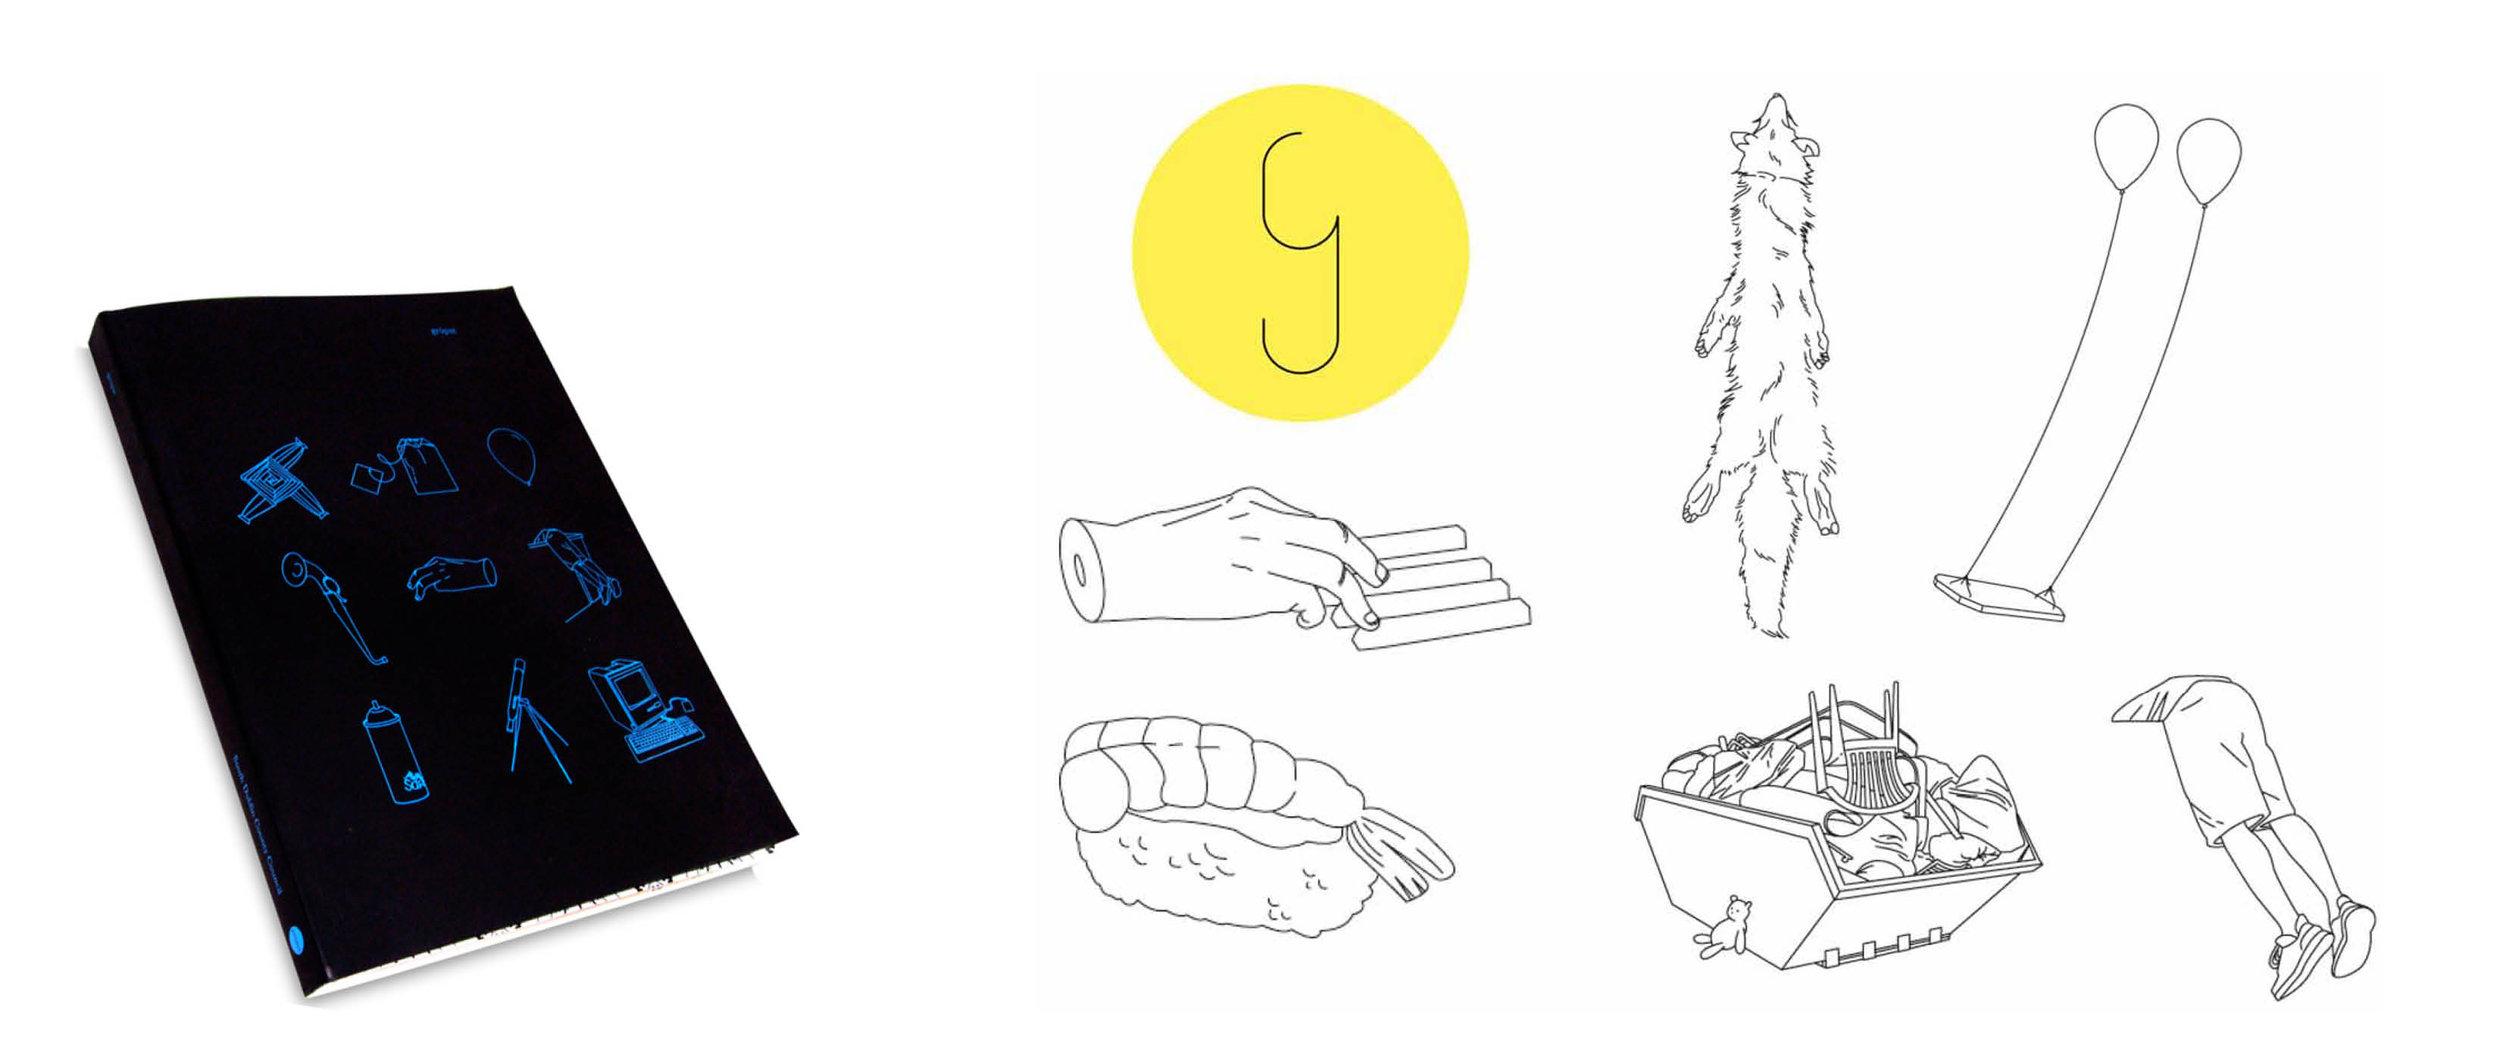 Illustration and book design for sound artist Jennifer Walshe, Ireland